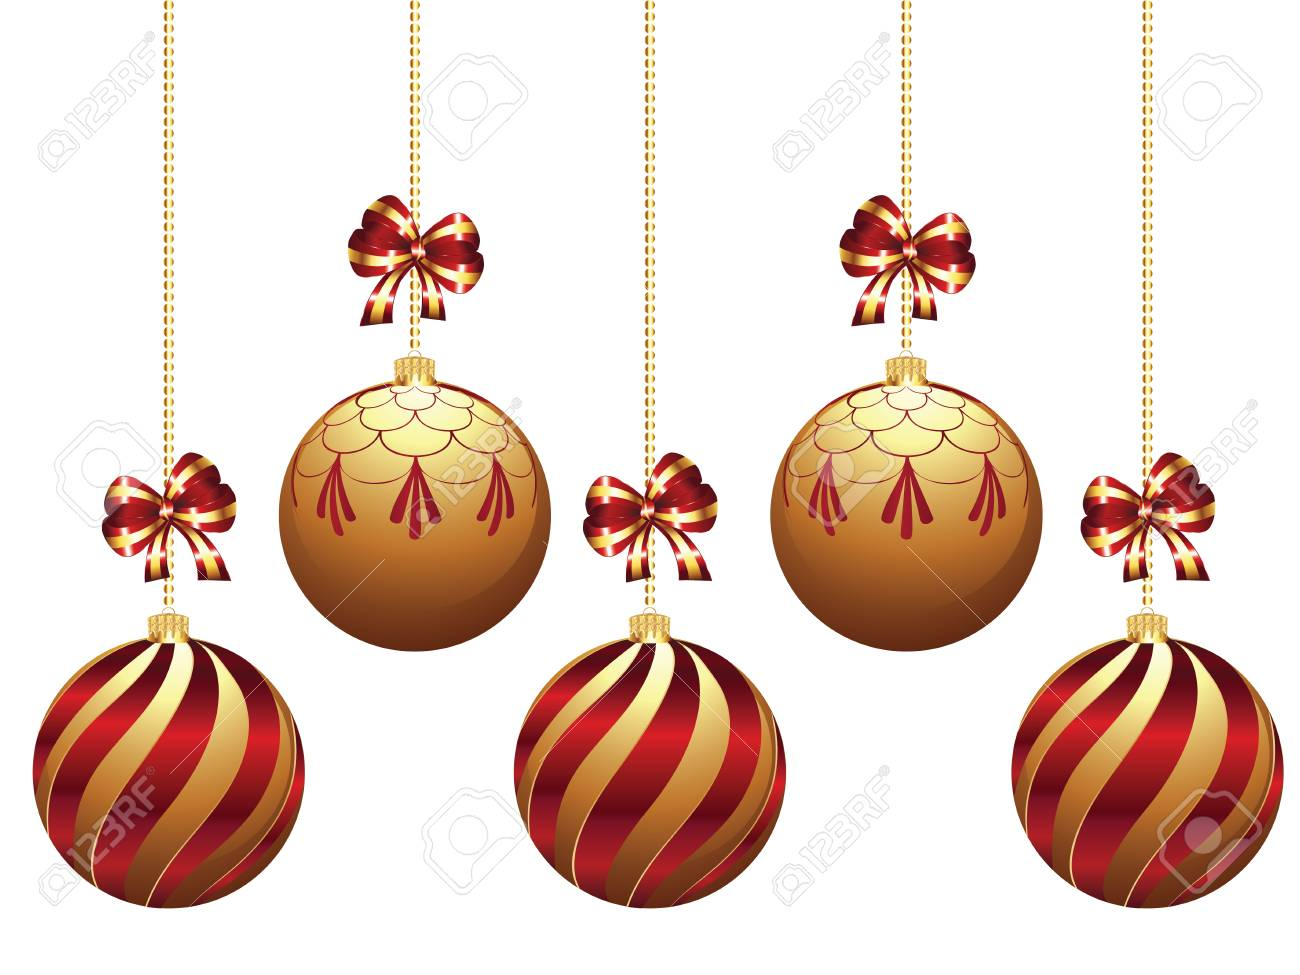 Las Bolas De Cristal De Navidad Decorativos De Colores Adornos - Adronos-de-navidad